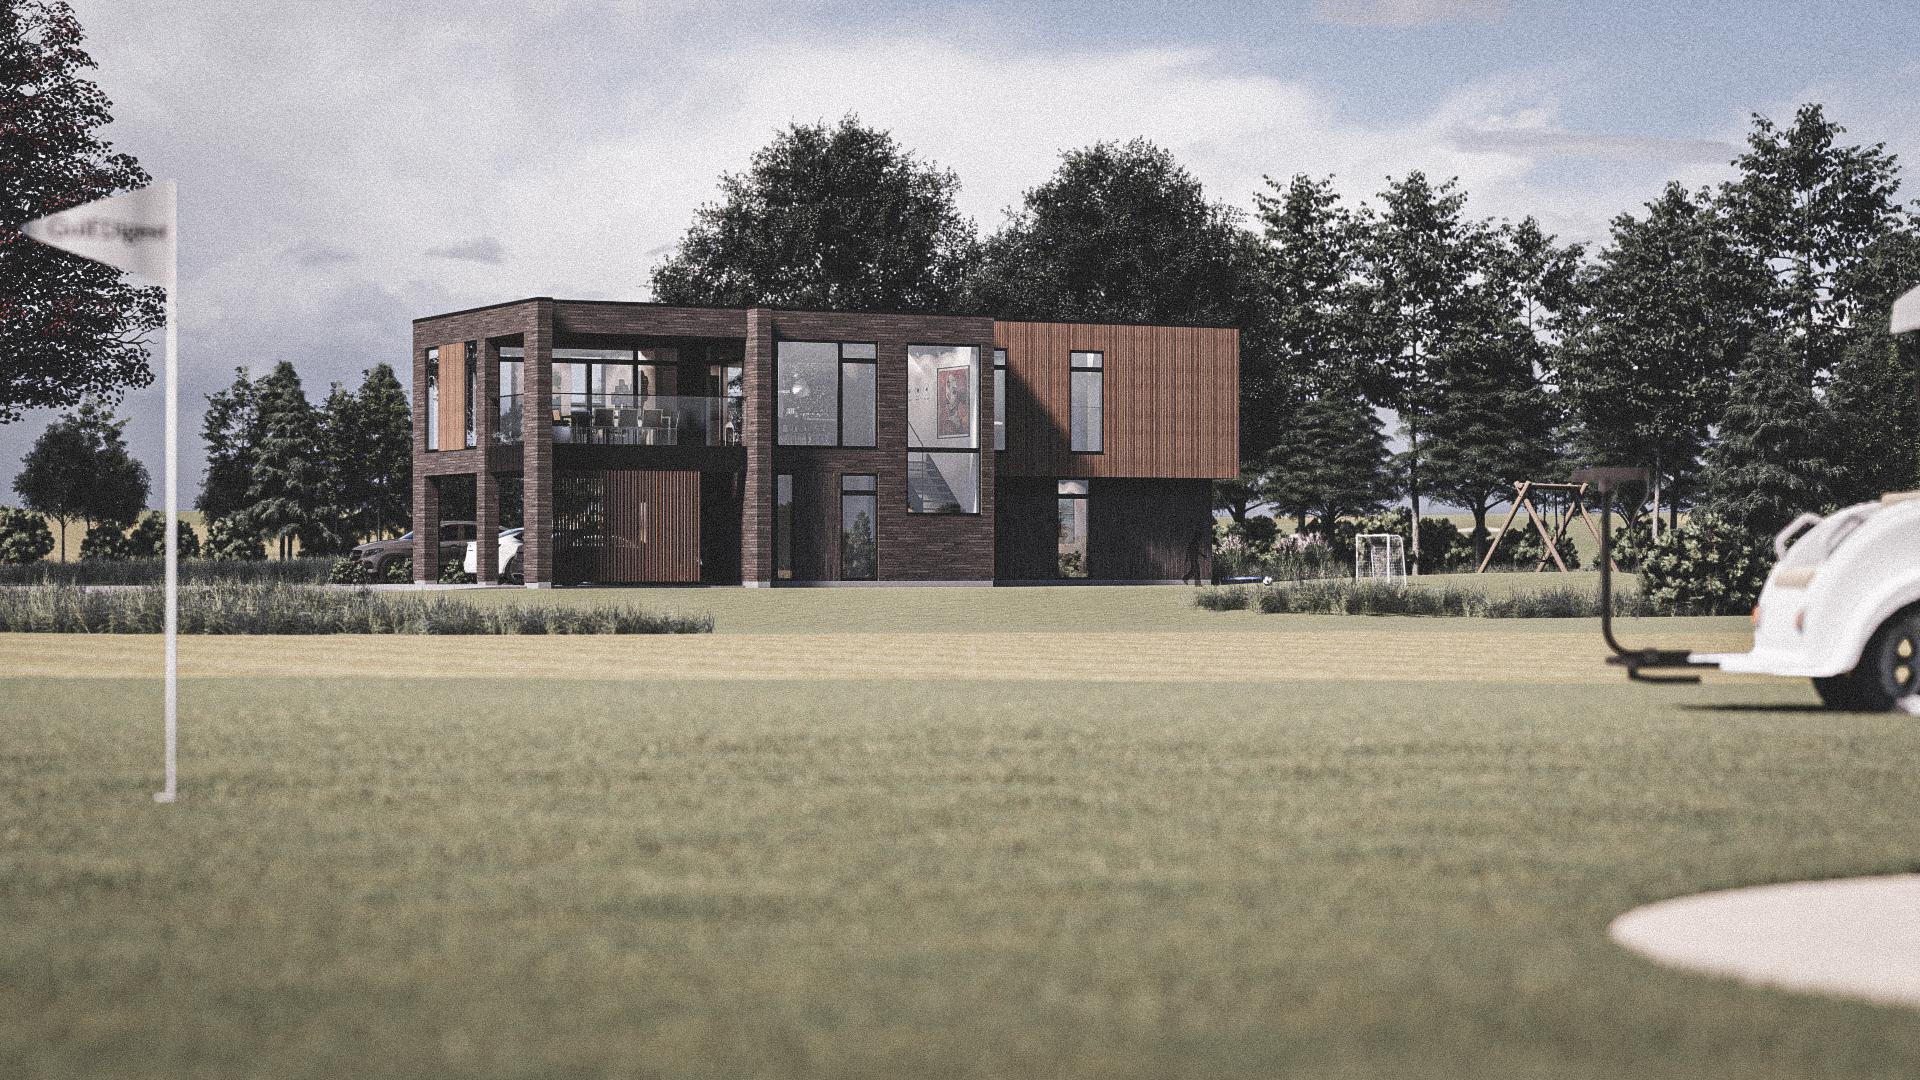 Billede af Dansk arkitekttegnet 2 plan villa af arkitektfirmaet m2plus, i Ry på 232 kvartratmeter.